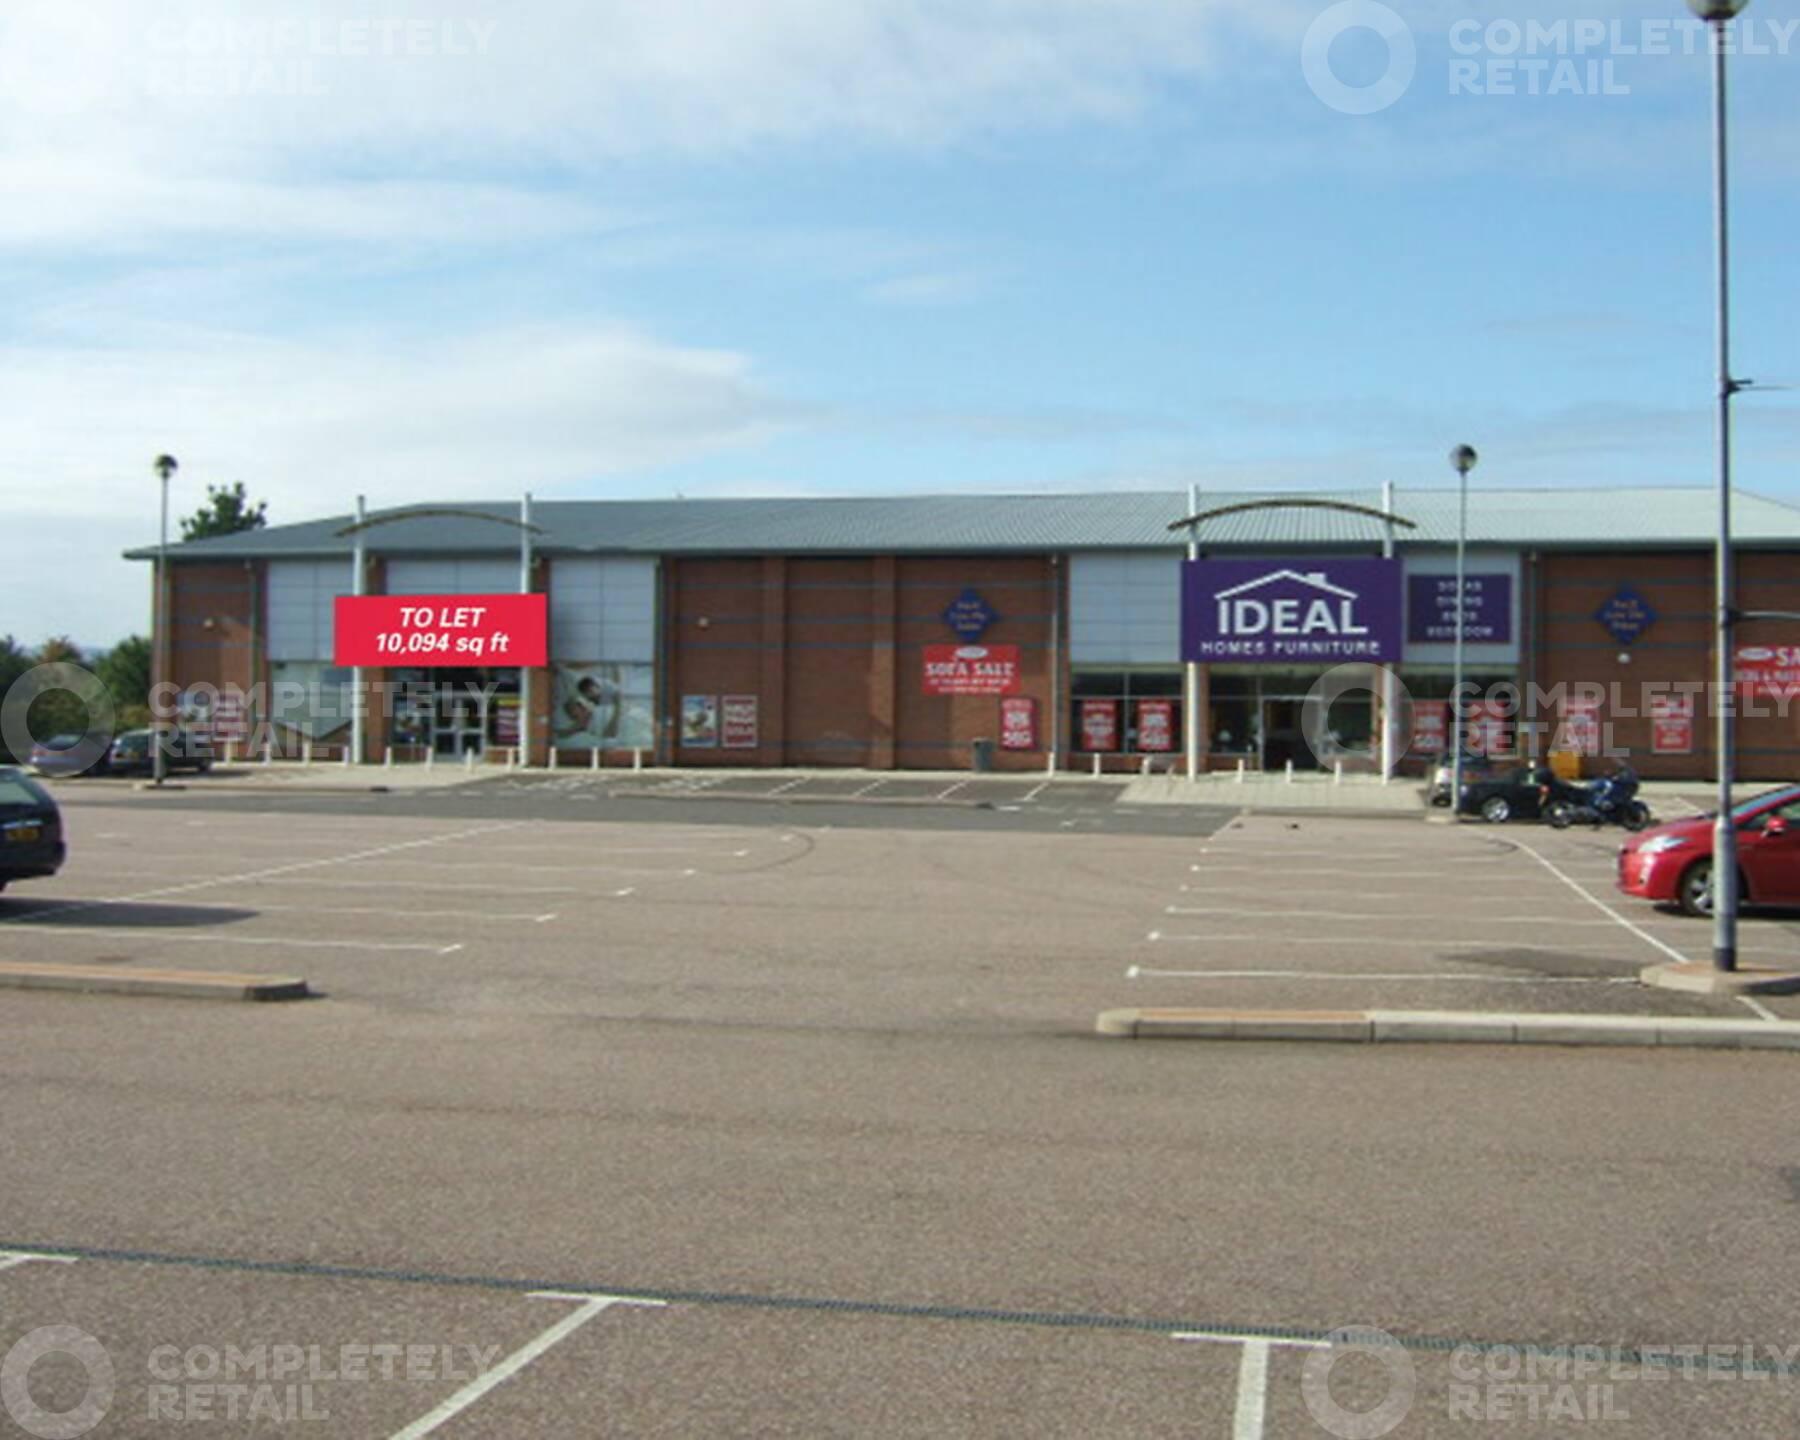 St Johns Retail Park